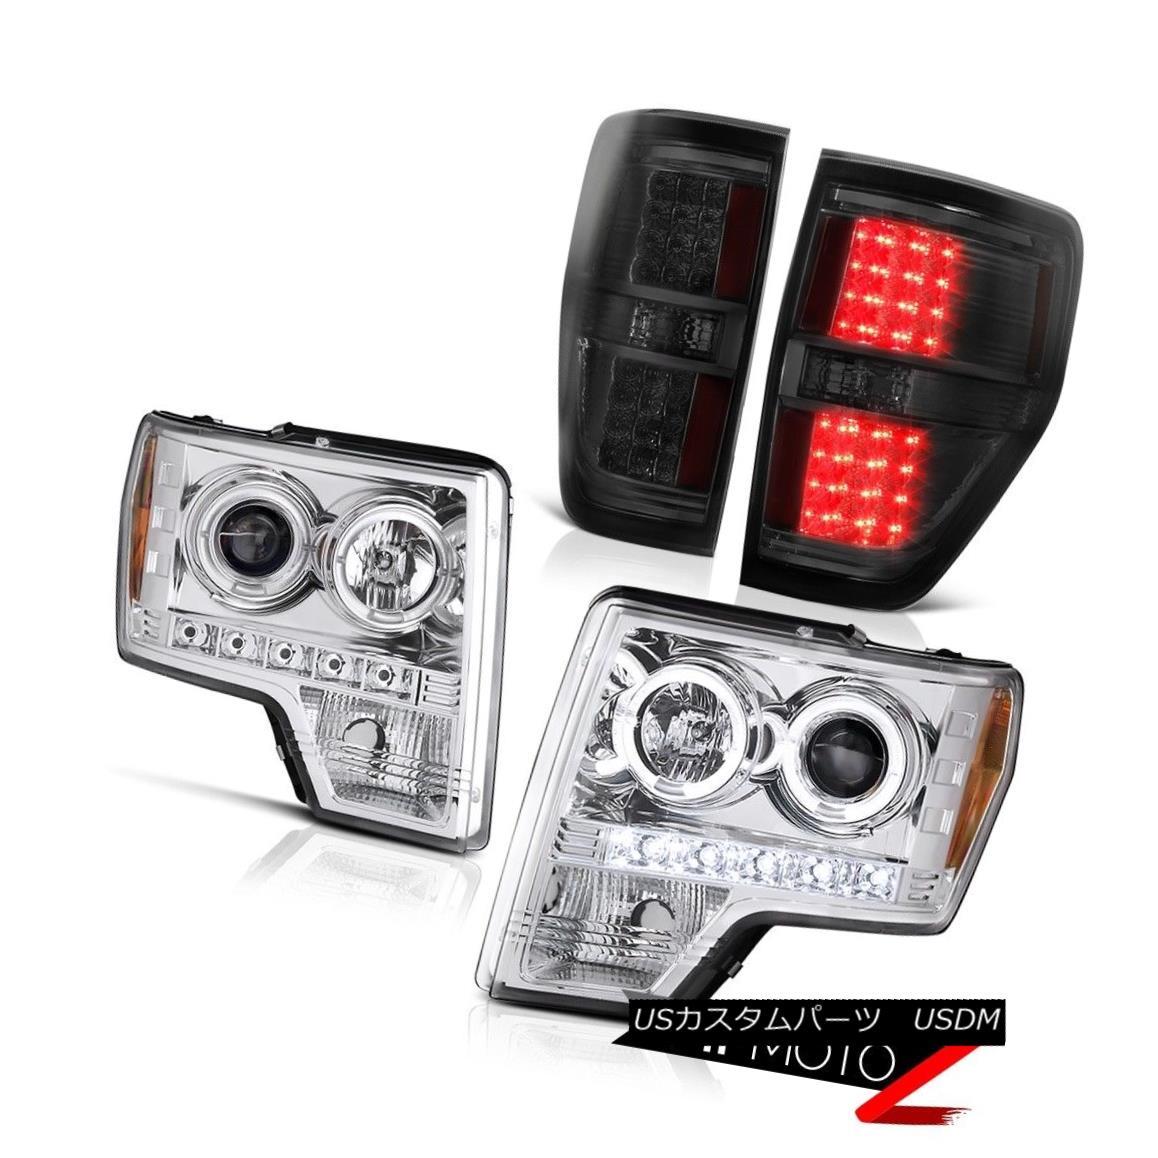 ヘッドライト 2009-2014 F150 EcoBoost Halo Angel Eye LED Projector Headlight Smoke Tail Lights 2009-2014 F150 EcoBoostハローエンジェルアイLEDプロジェクターヘッドライト煙テールライト